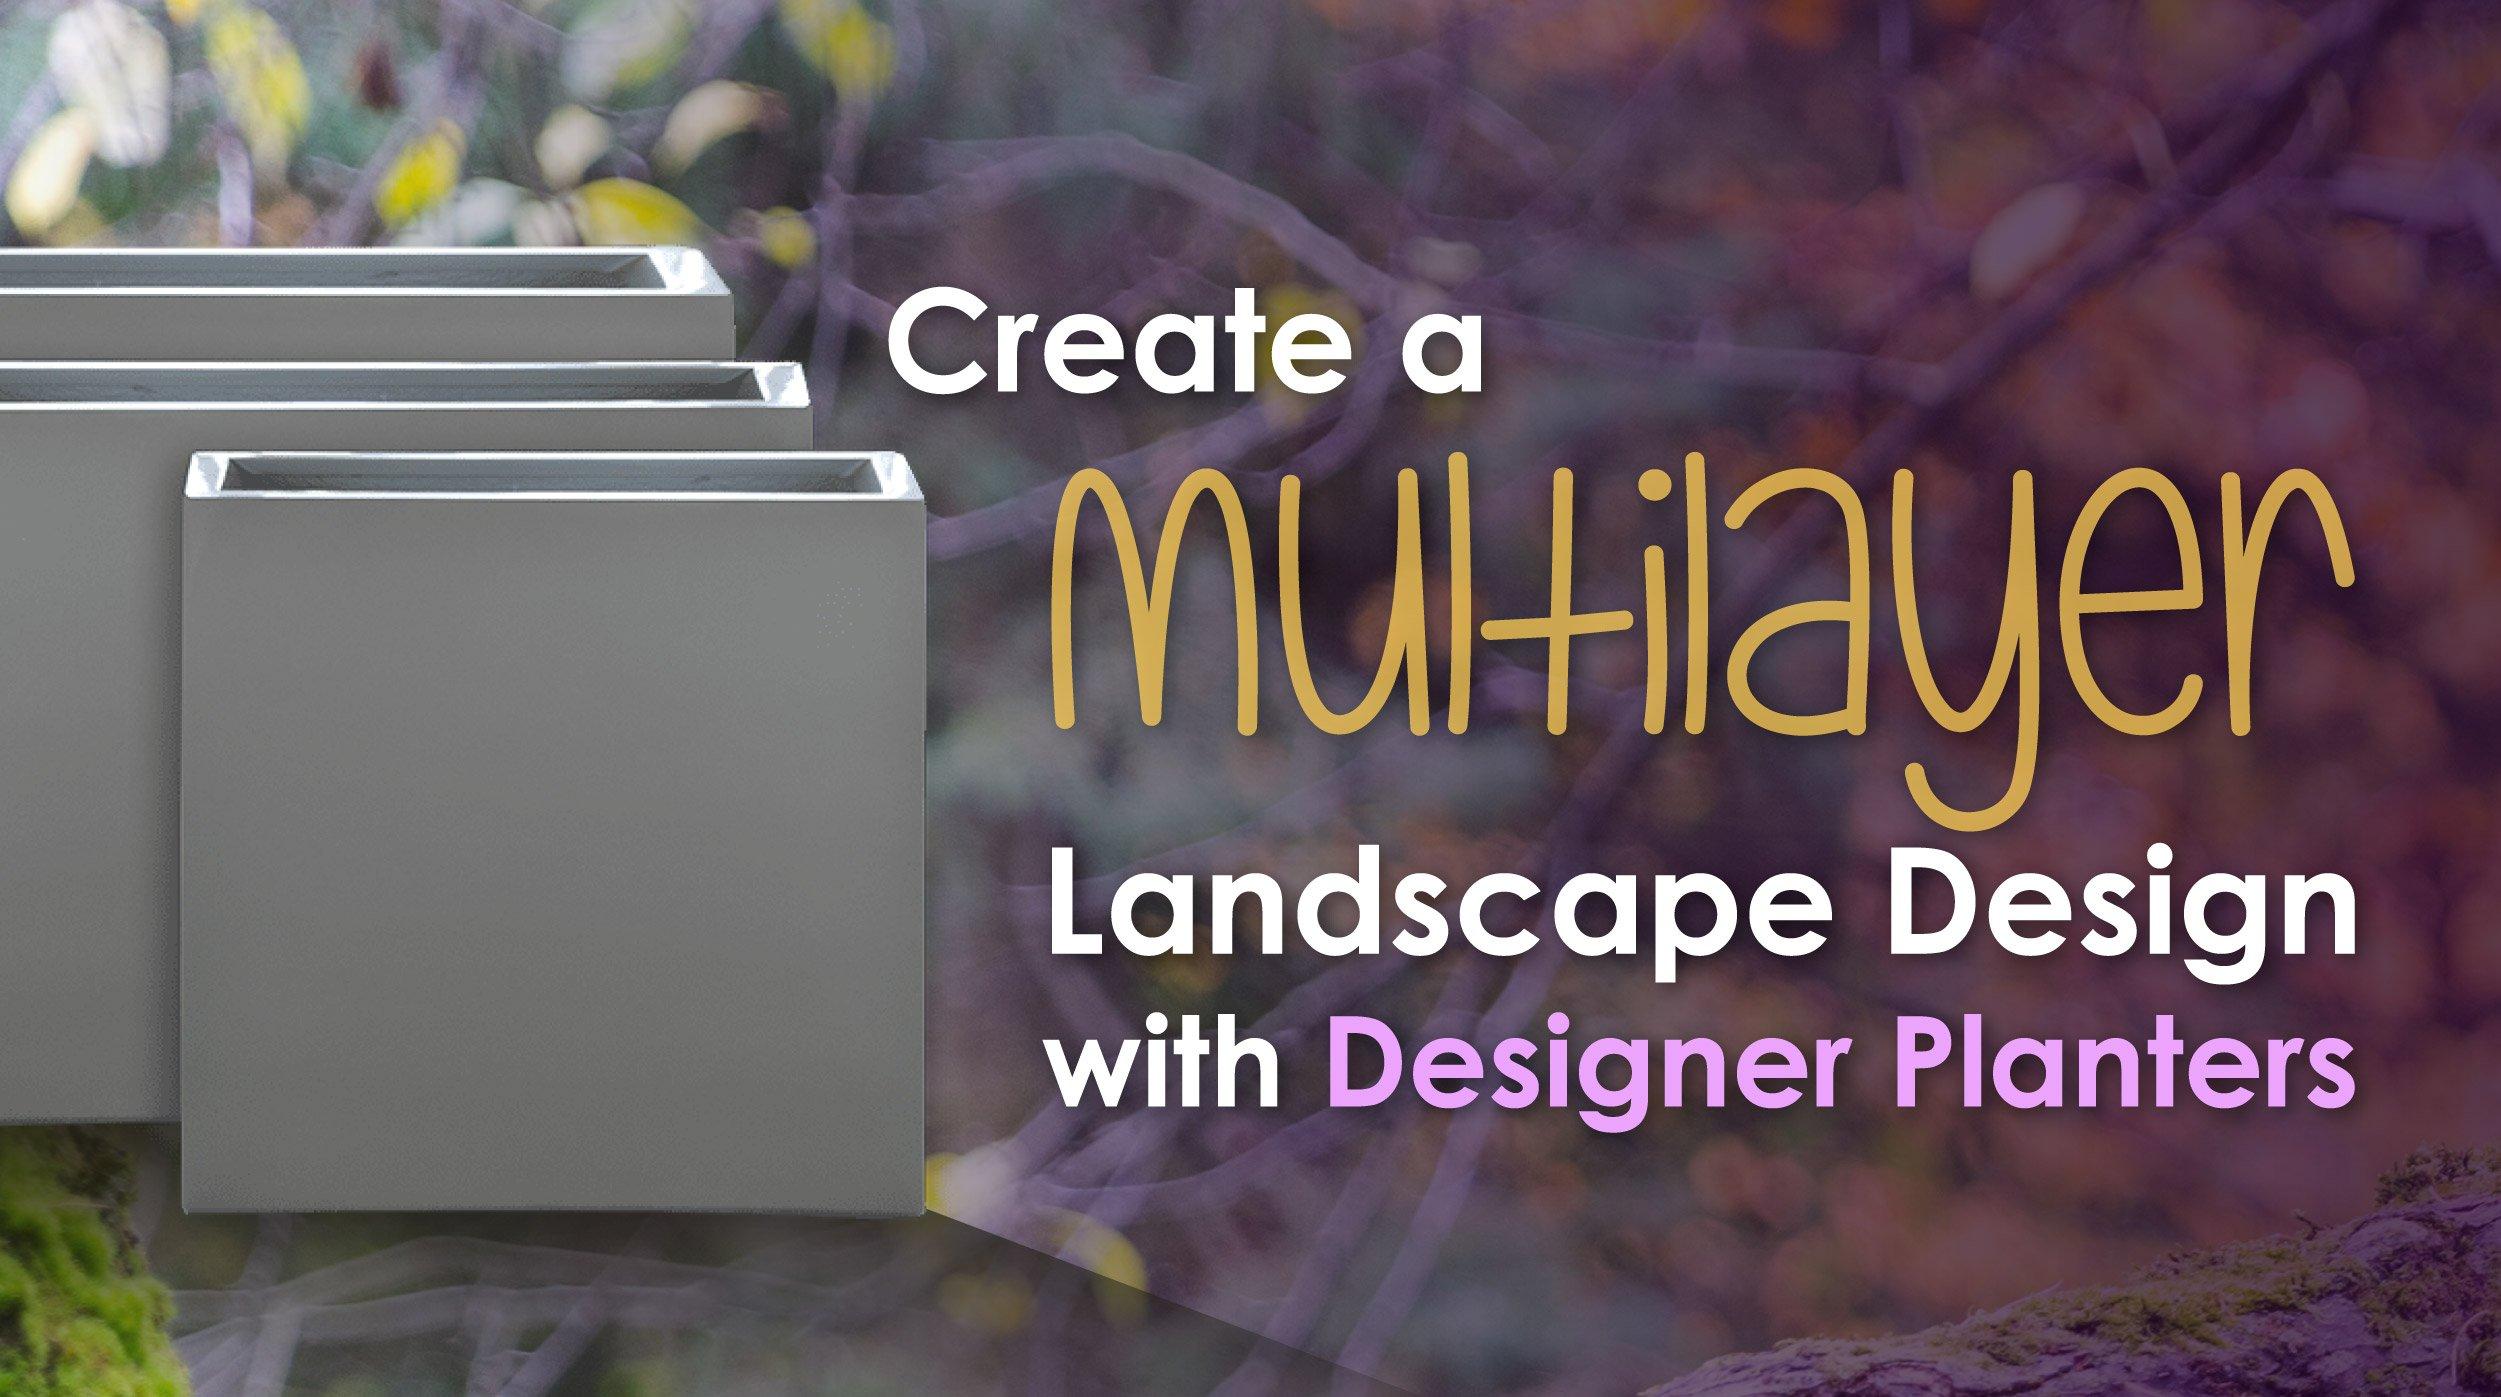 Multilayer Landscape